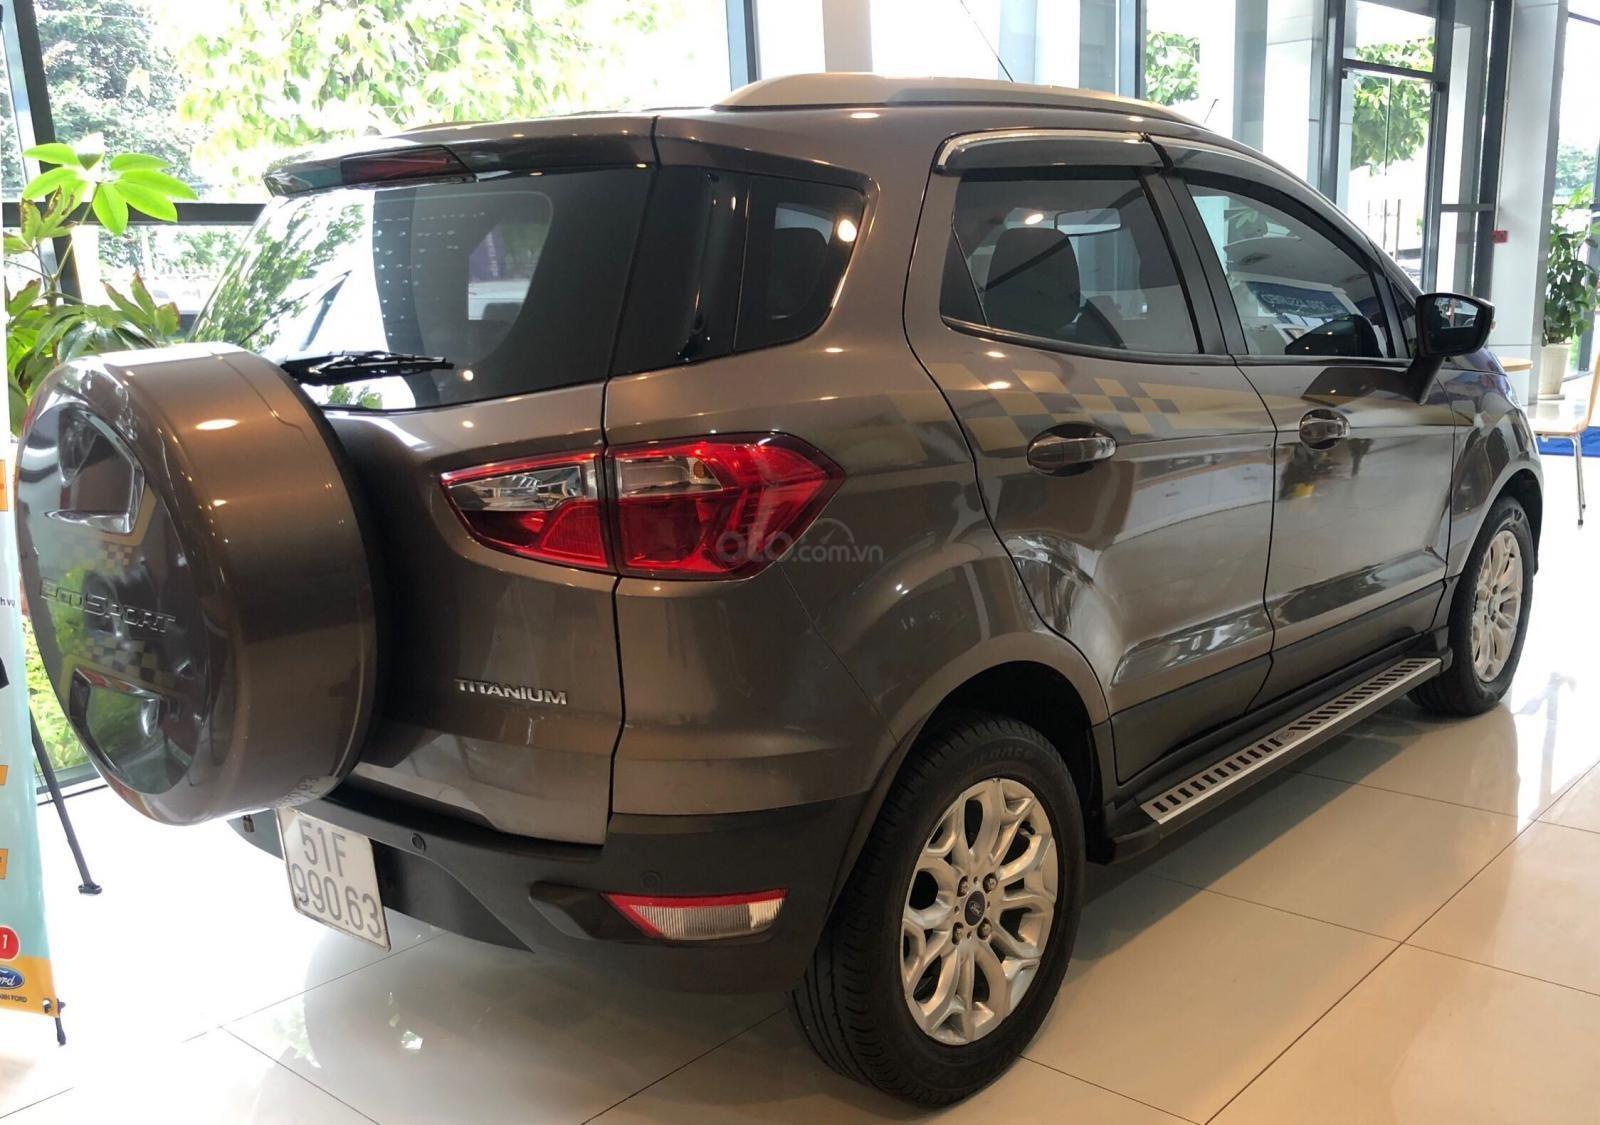 Bán xe Ford EcoSport sản xuất 2016, màu nâu, xe gia đình giá tốt 514 triệu đồng (7)